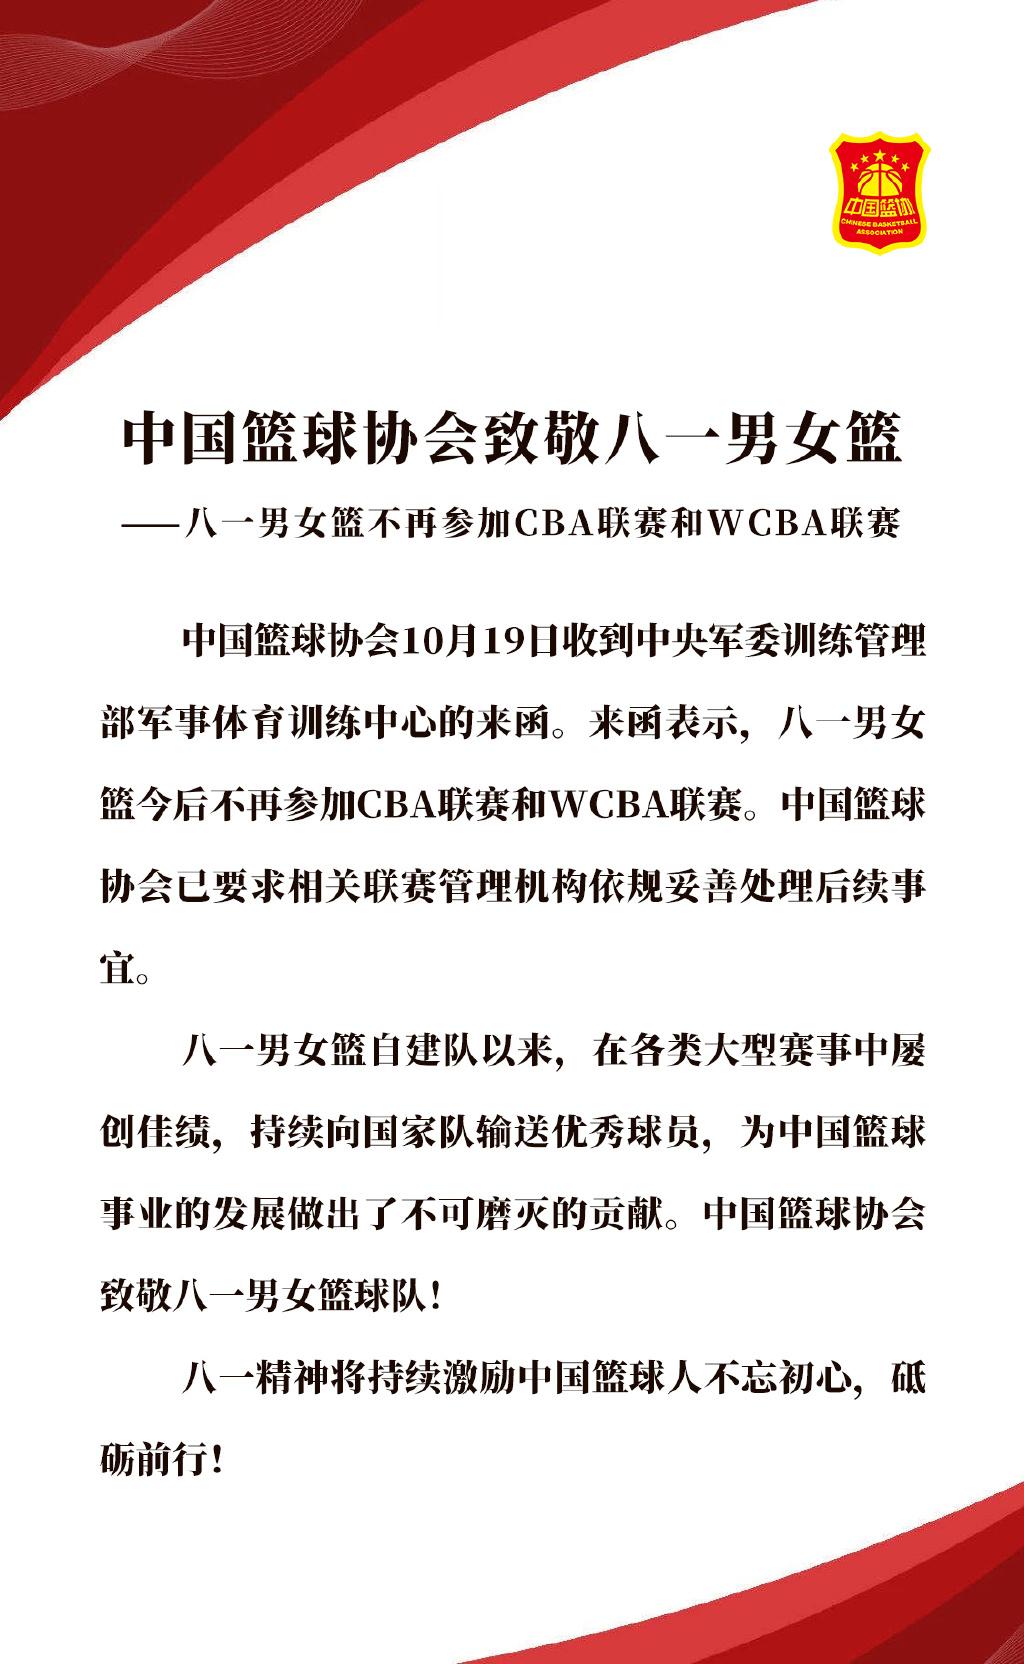 中国篮协官宣:八一男女篮不再参加CBA和WCBA联赛